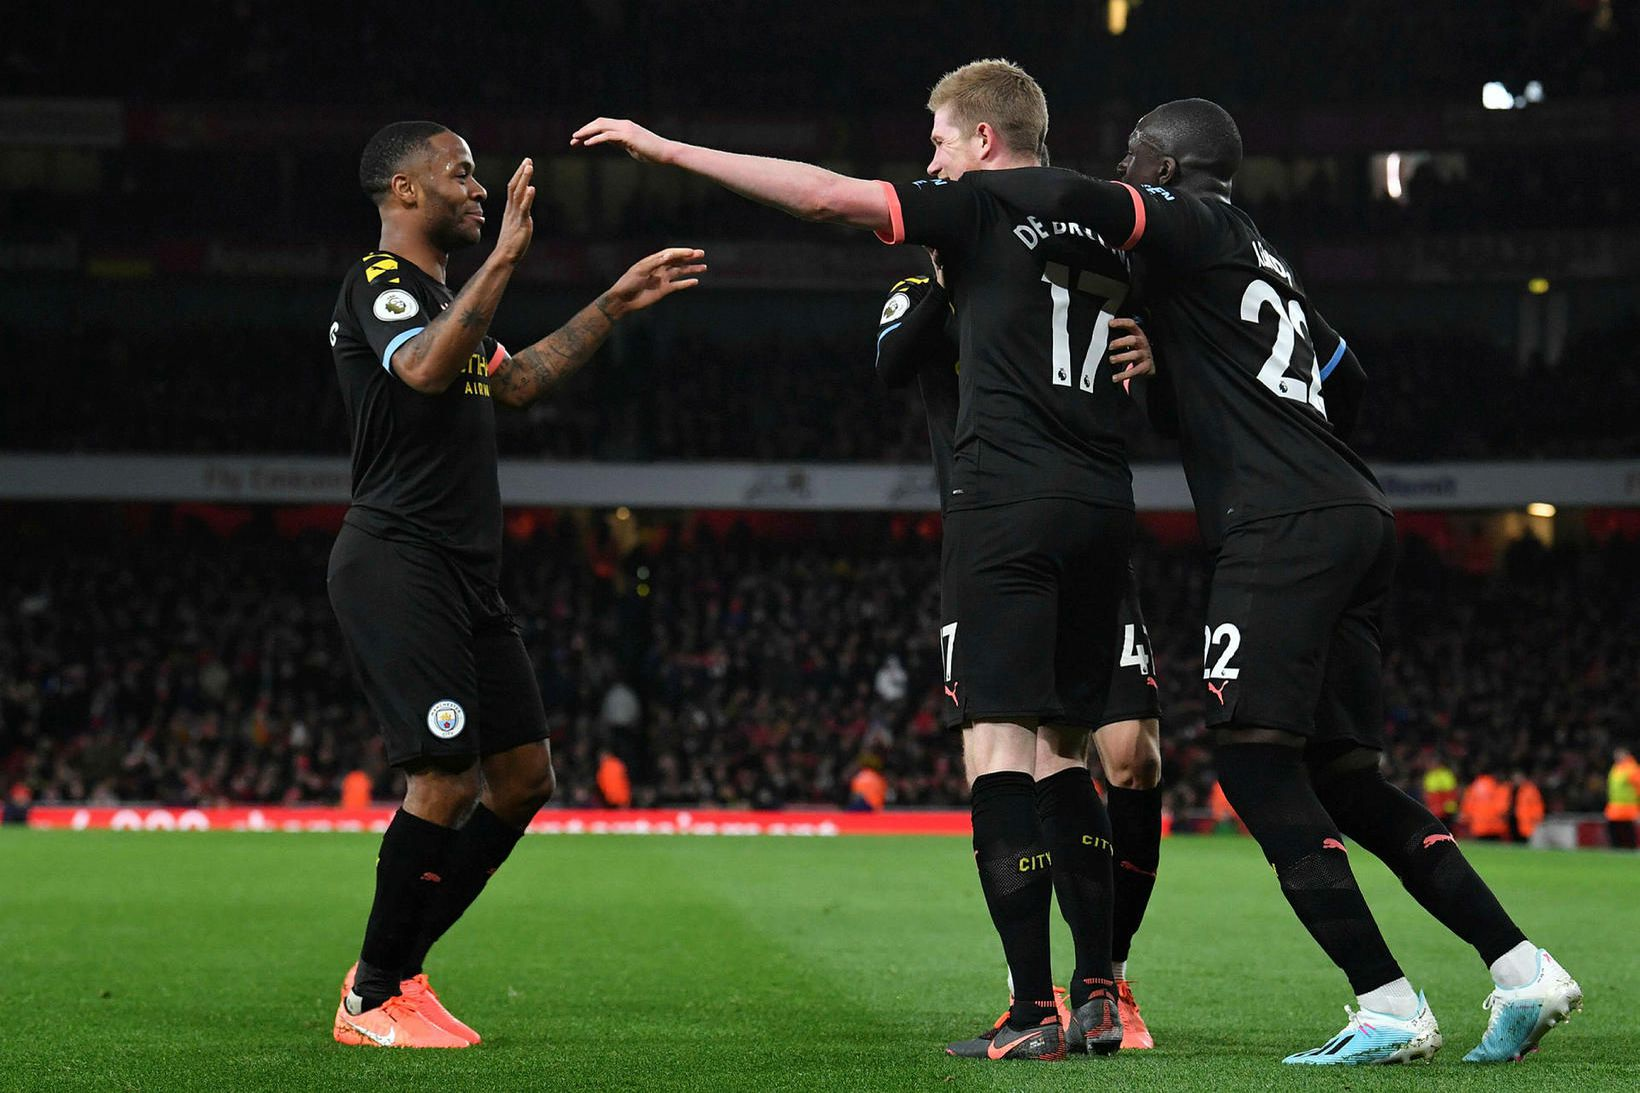 Leikmenn Manchester City fagna í dag.